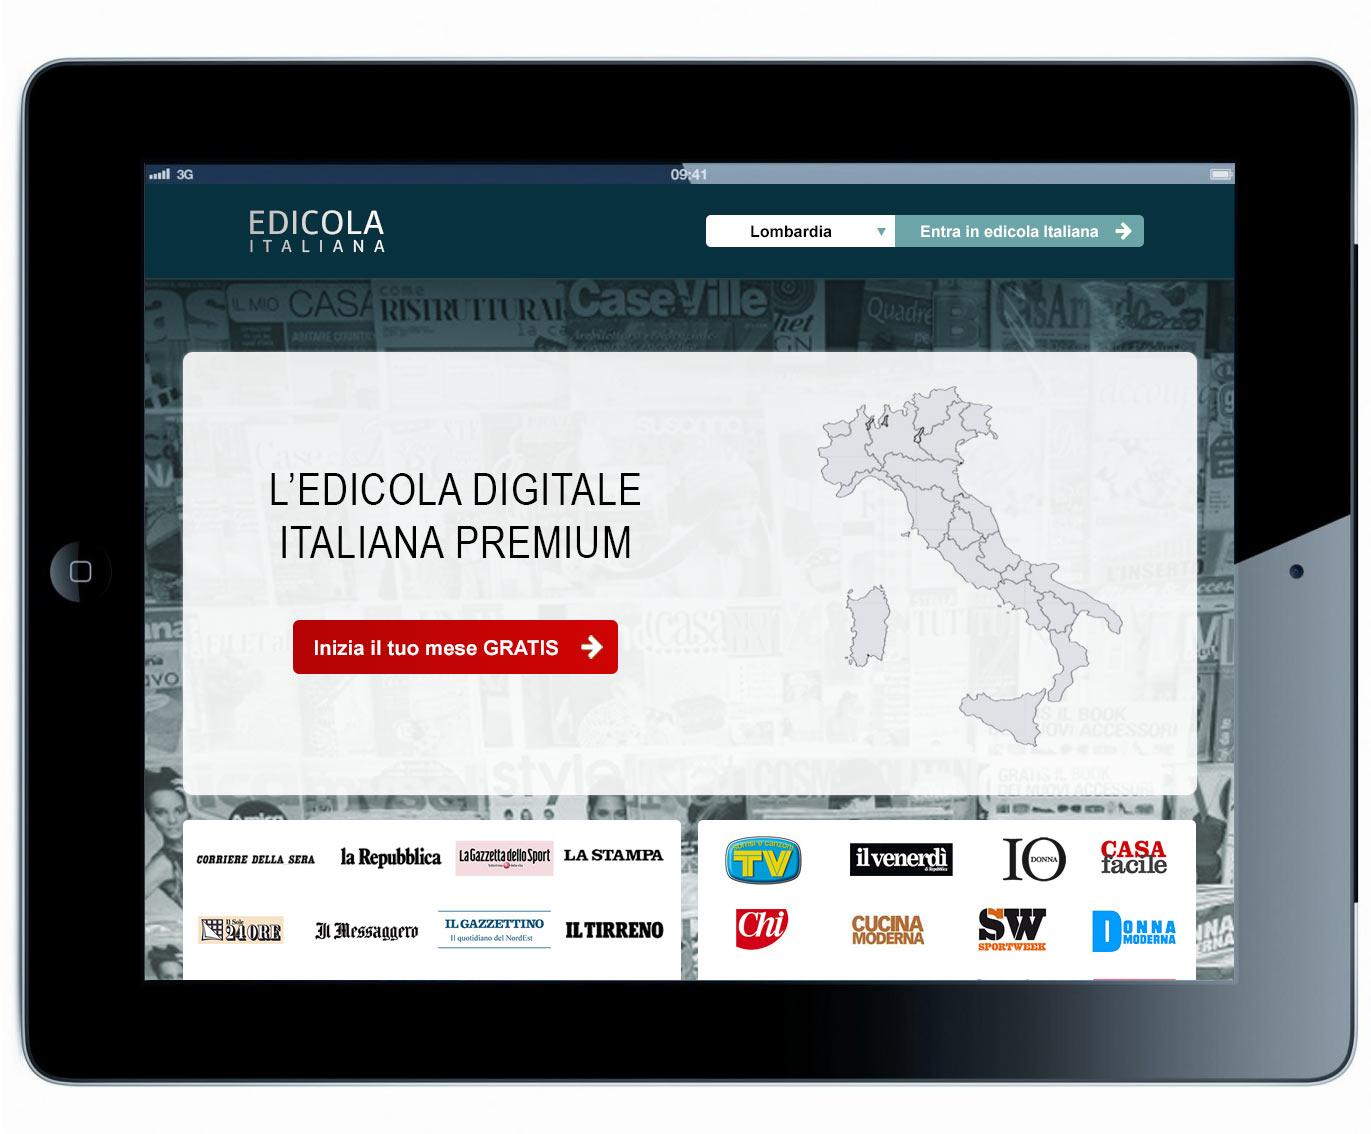 EDICOLA ITALIANA